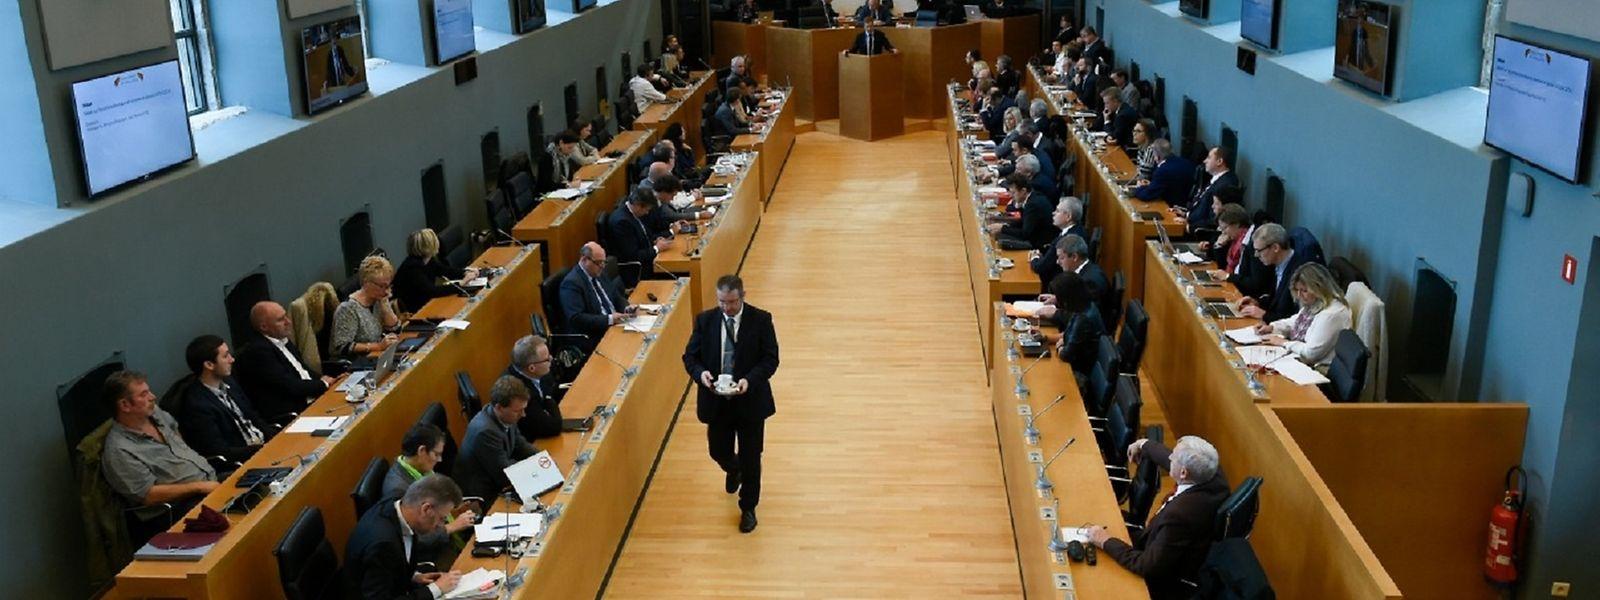 Le réseau interne du Parlement wallon a notamment été la cible des hackeurs.